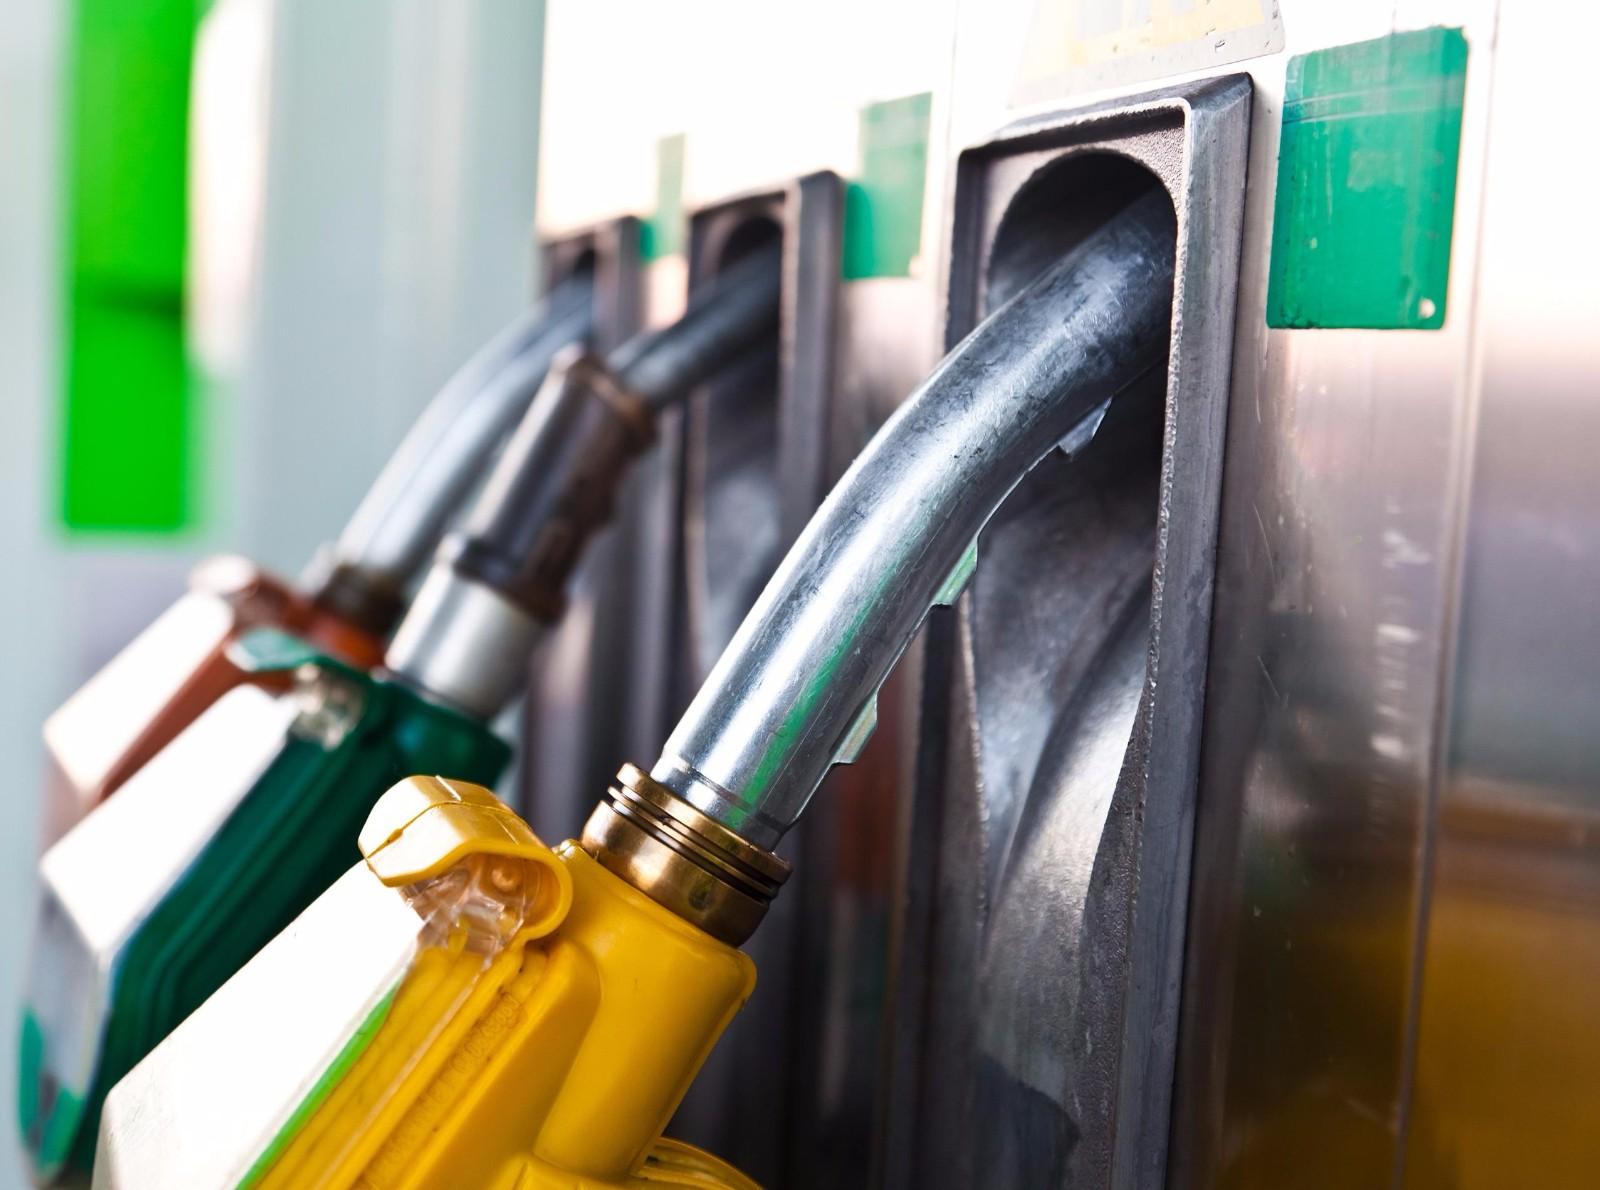 Автовладелец судится с АЗС за то, что его машину заправили бензином вместо дизтоплива